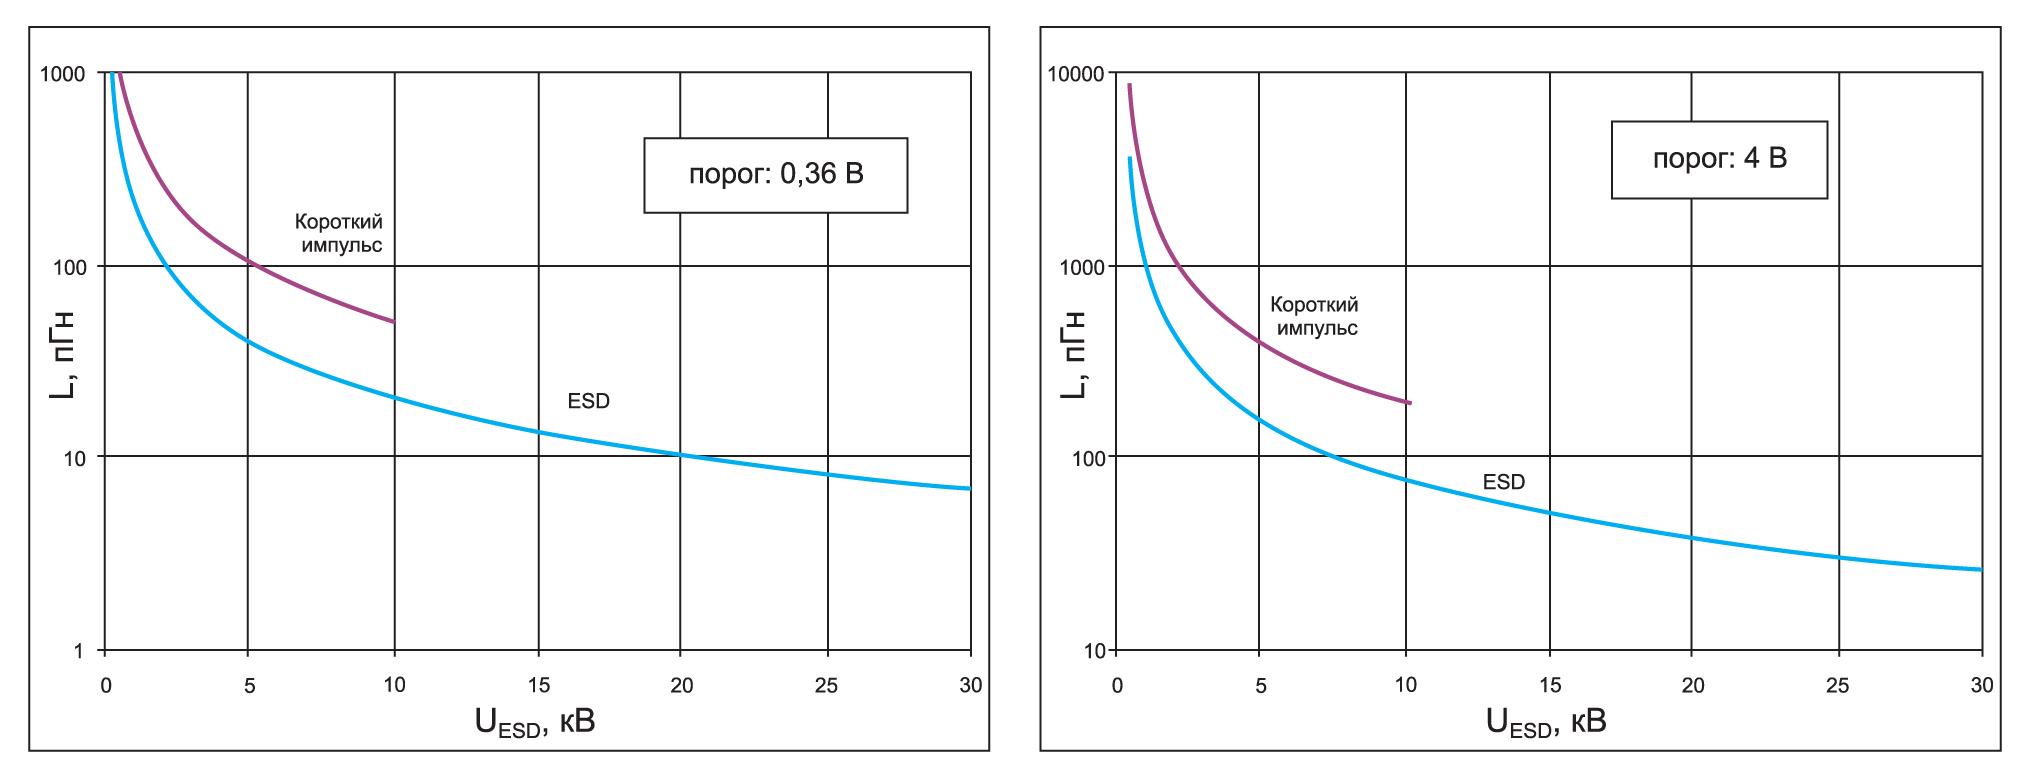 Кривые предельных значений индуктивности связи для разных порогов переключения